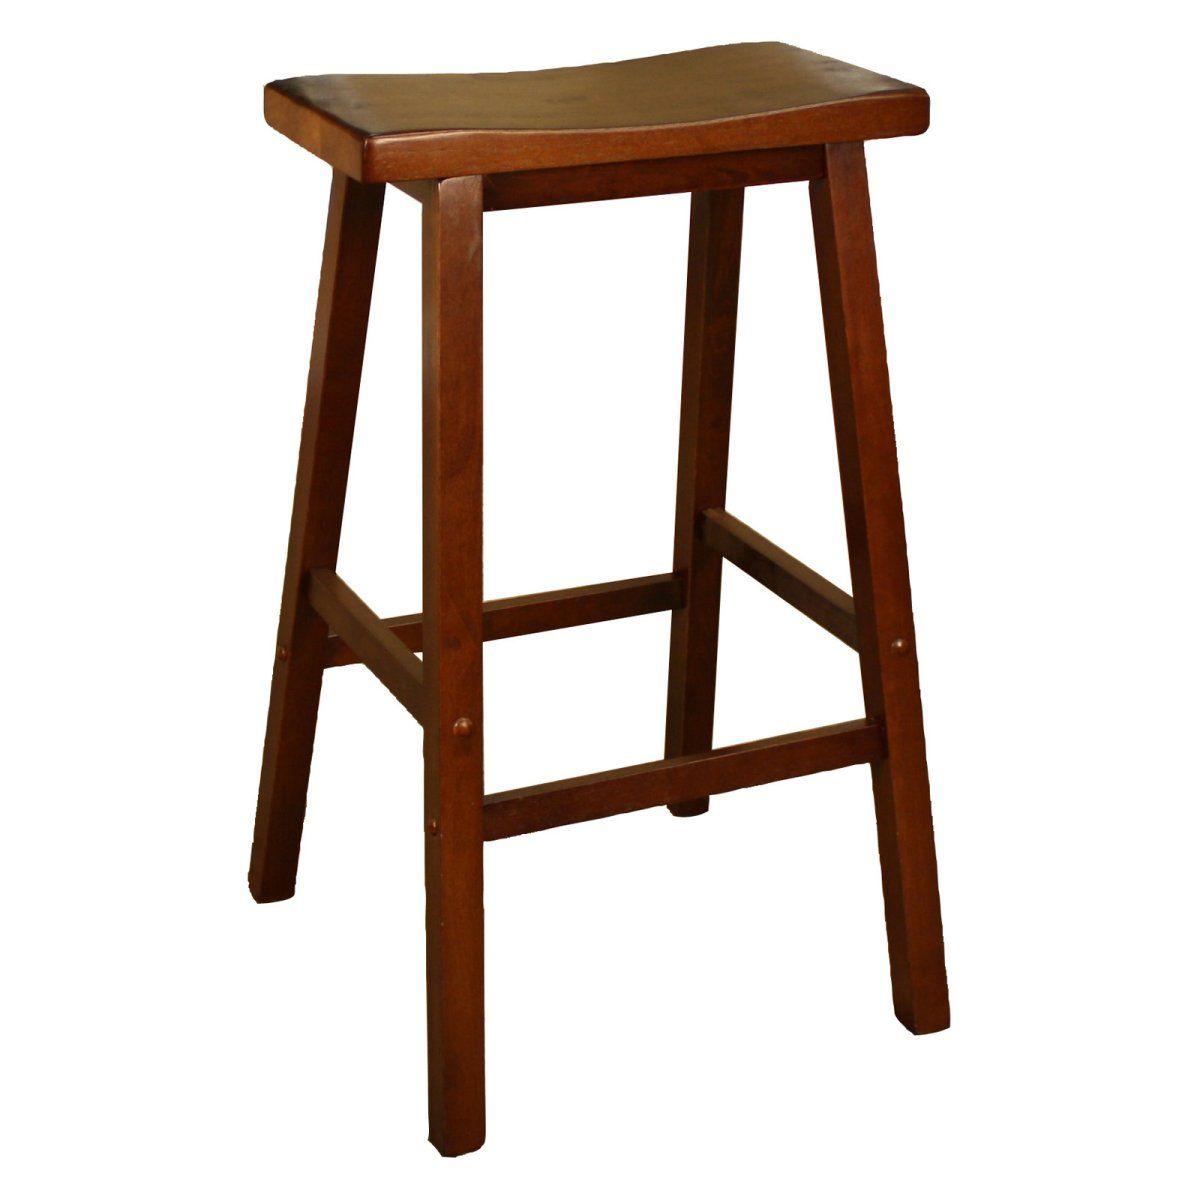 Wood Saddle Counter Height Stool Saddle Seat Bar Stool Counter Height Stools Saddle Stools